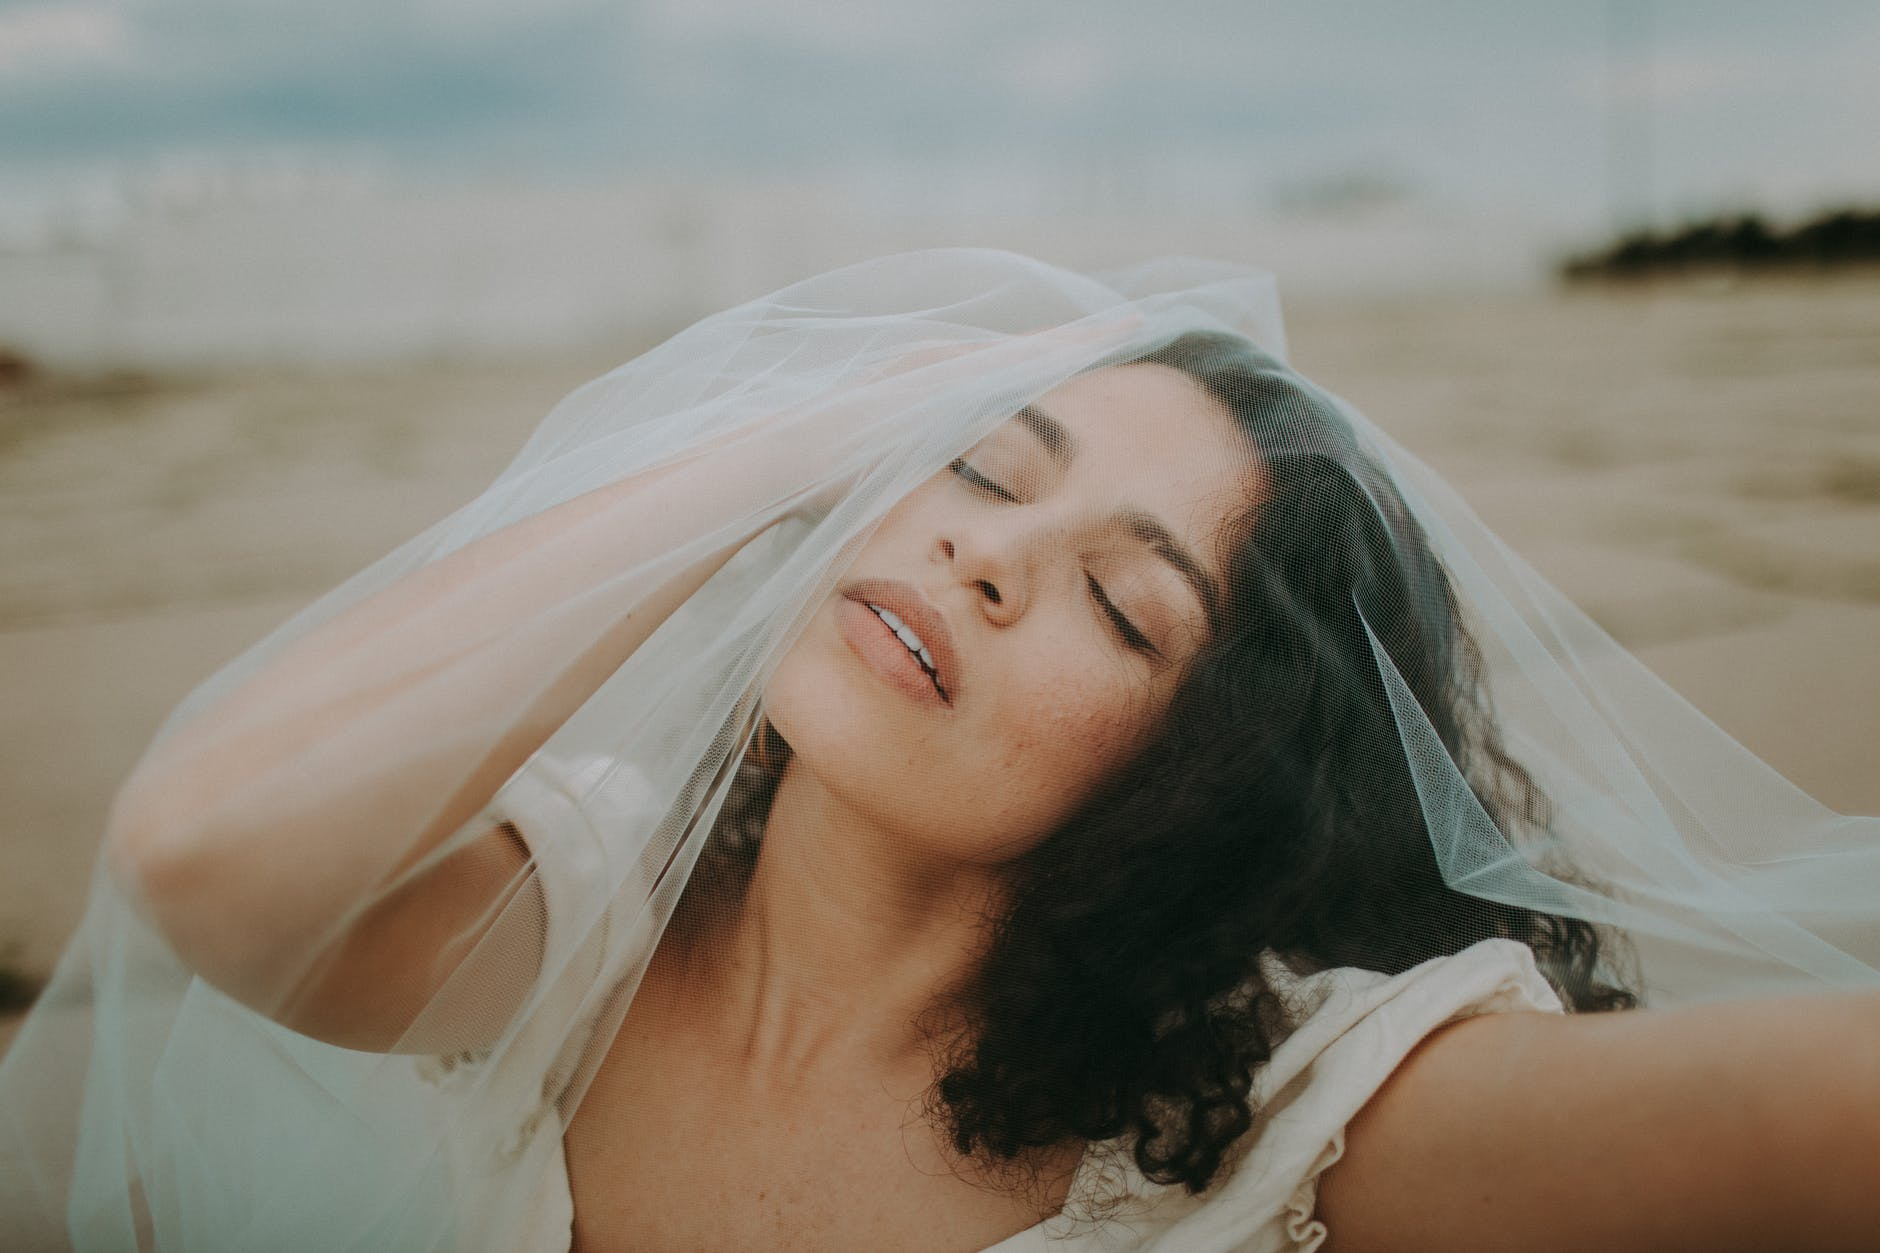 Menyesatkan! 6 Hal Tentang Cinta Ini Nggak Seharusnya Kamu Percaya